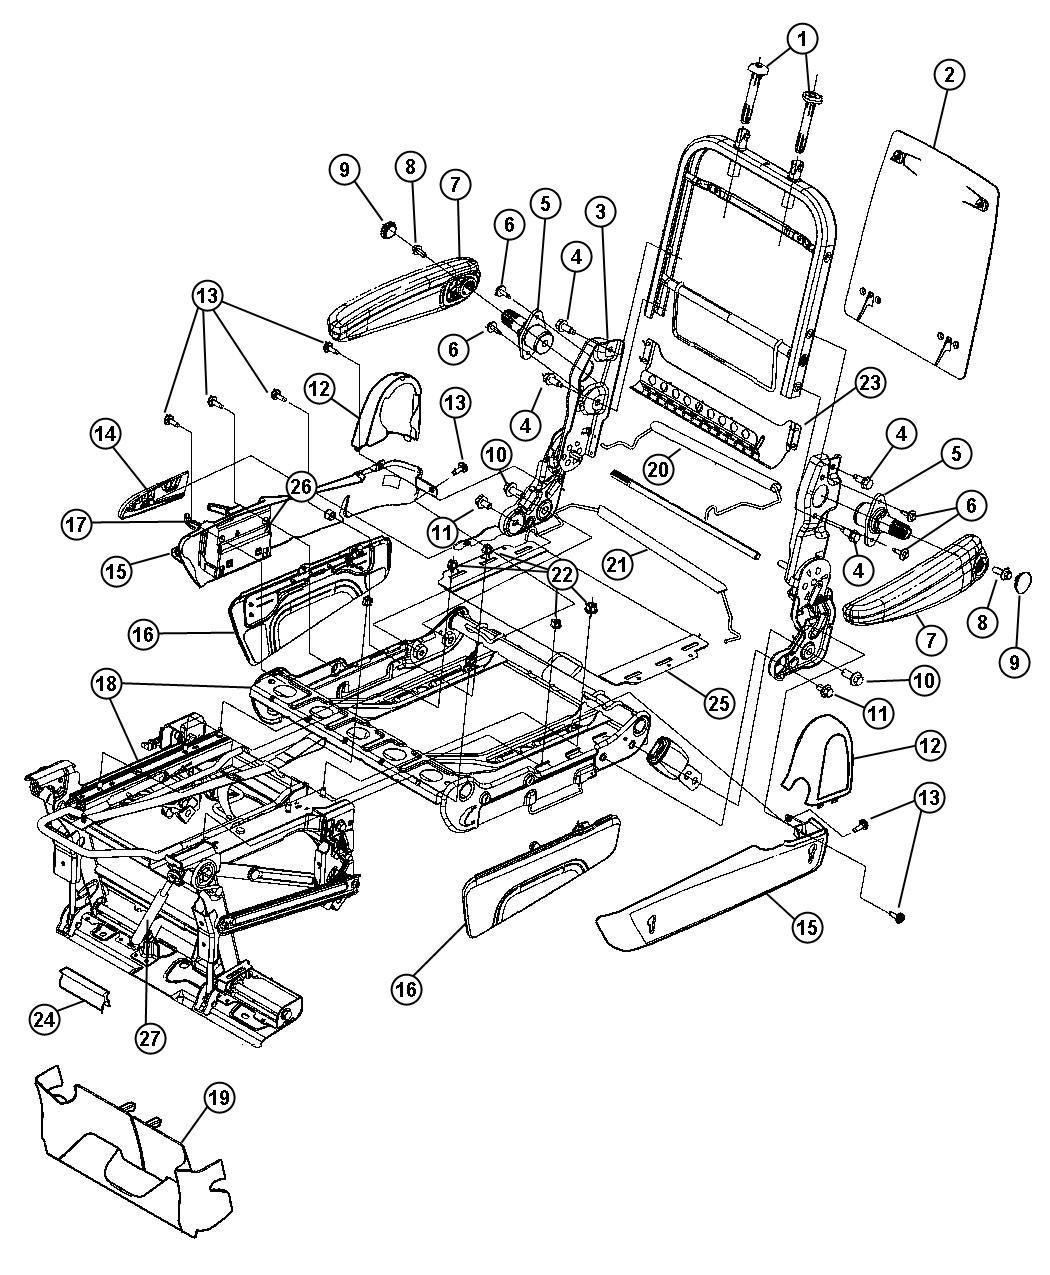 Chrysler Fuse Box Diagram Avimarfo